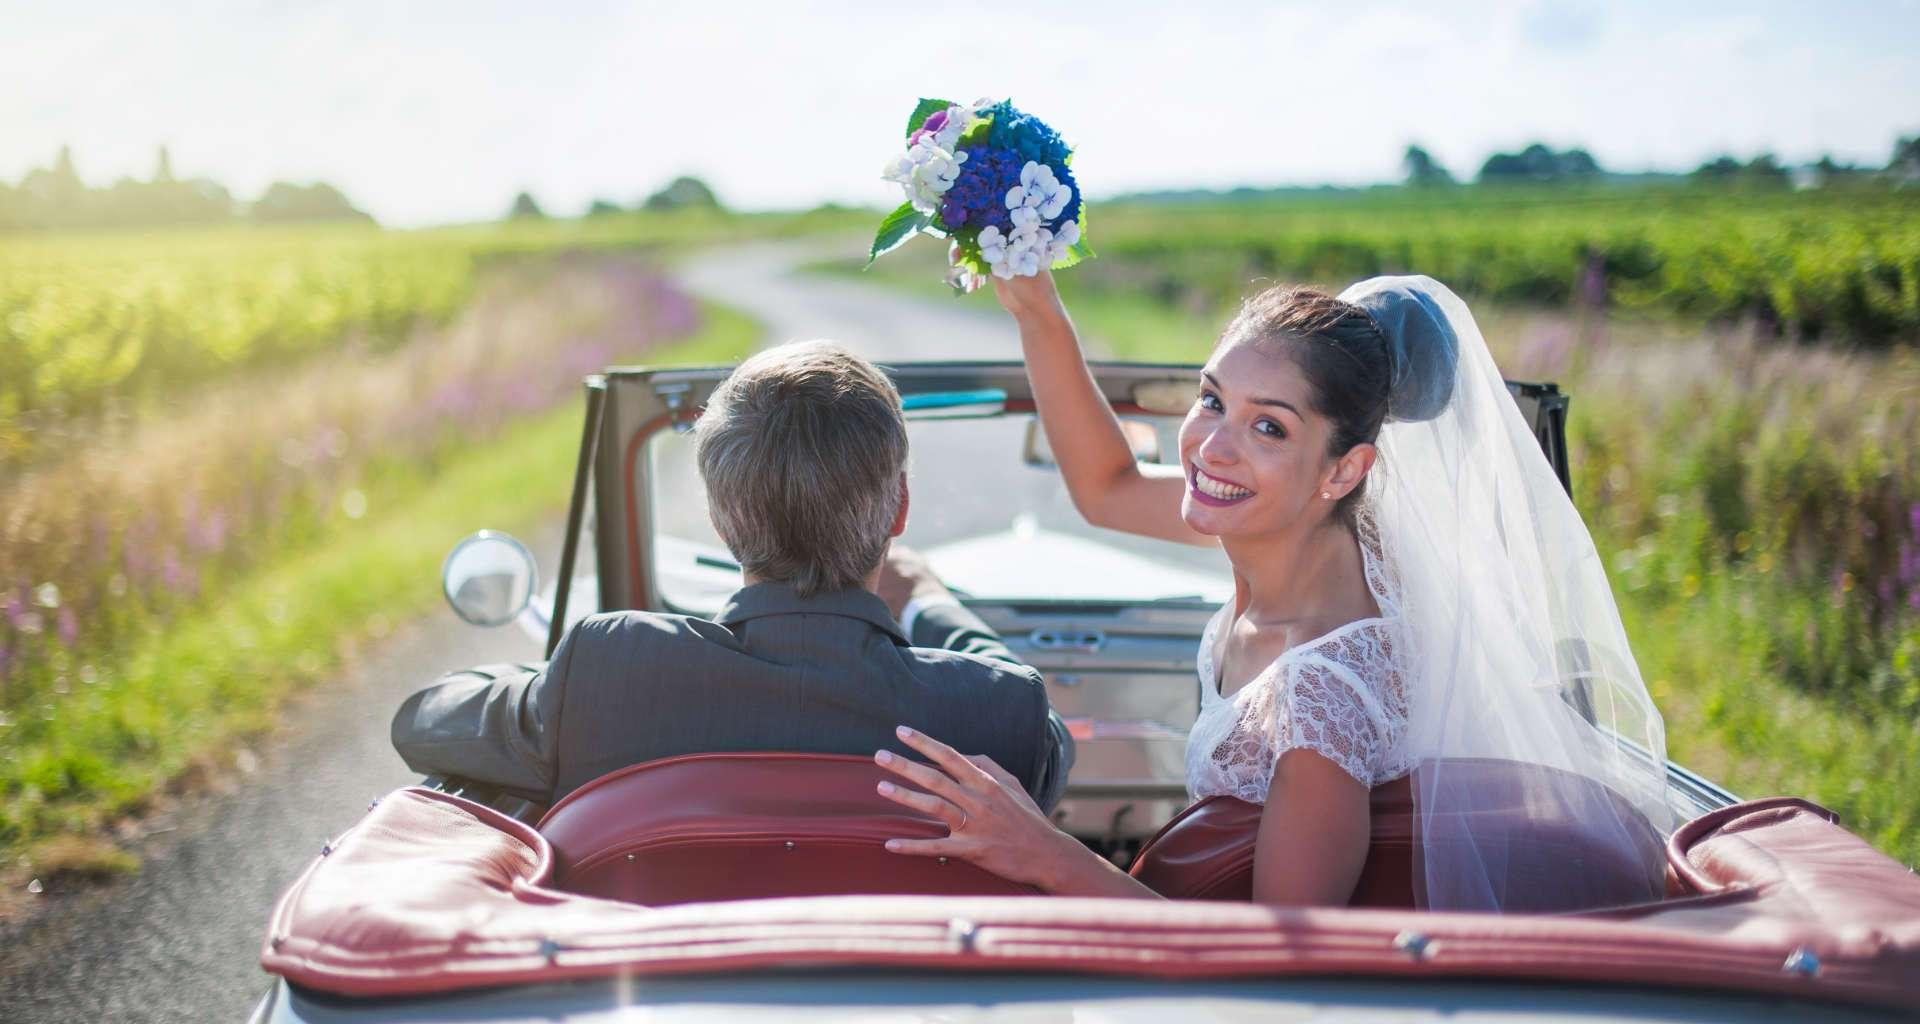 Želite najeti ponudnika poročnih prevozov? Pomagali vam bomo najeti pravega ponudnika poročnih prevozov